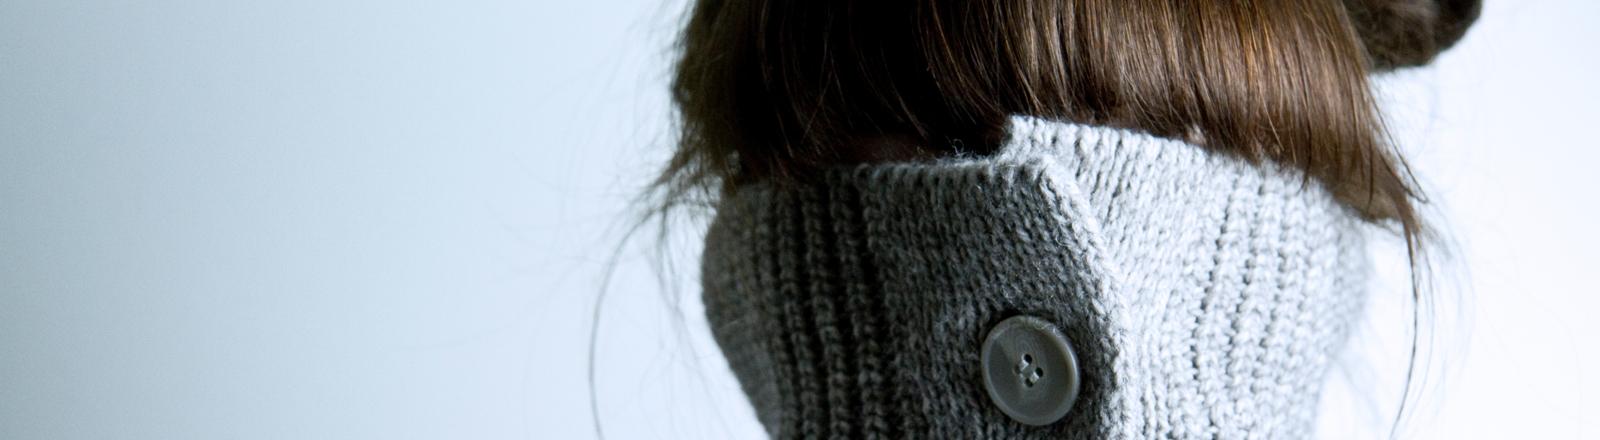 Eine Frau versteckt sich in ihrem Rollkragenpullover